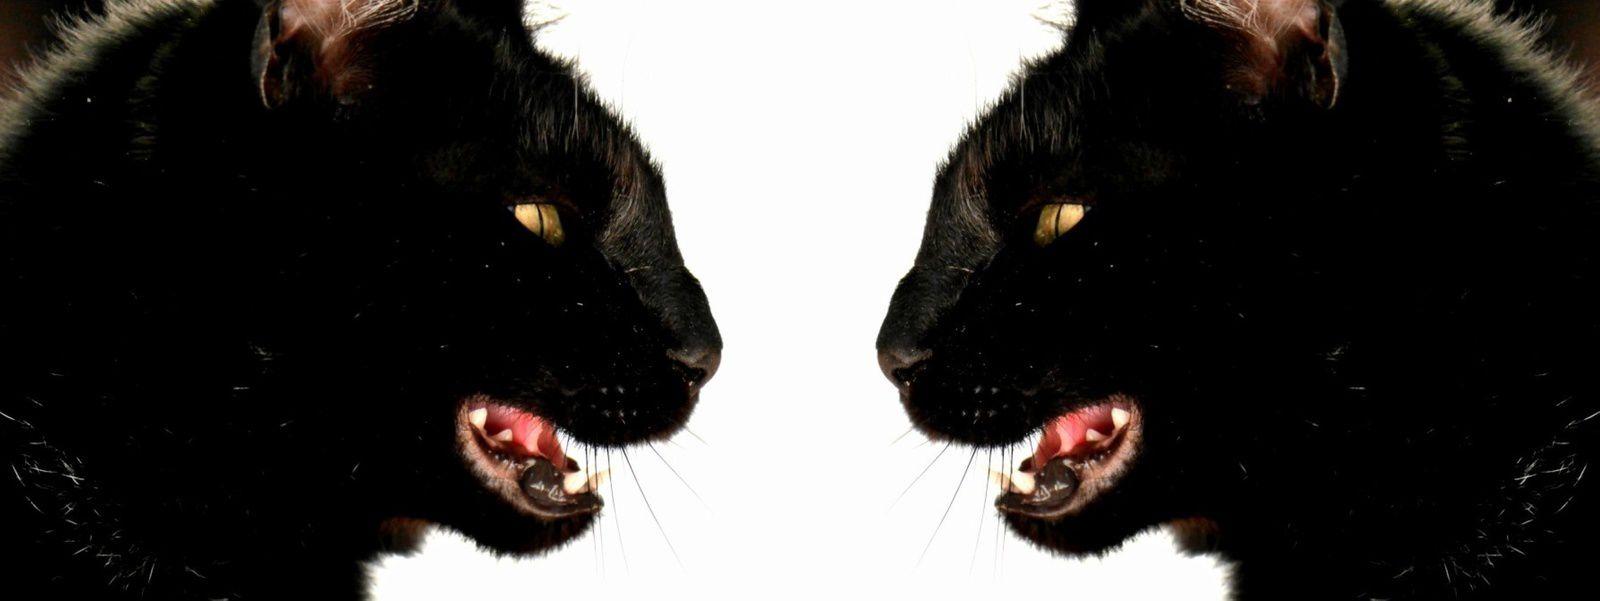 la mimine aux deux visages